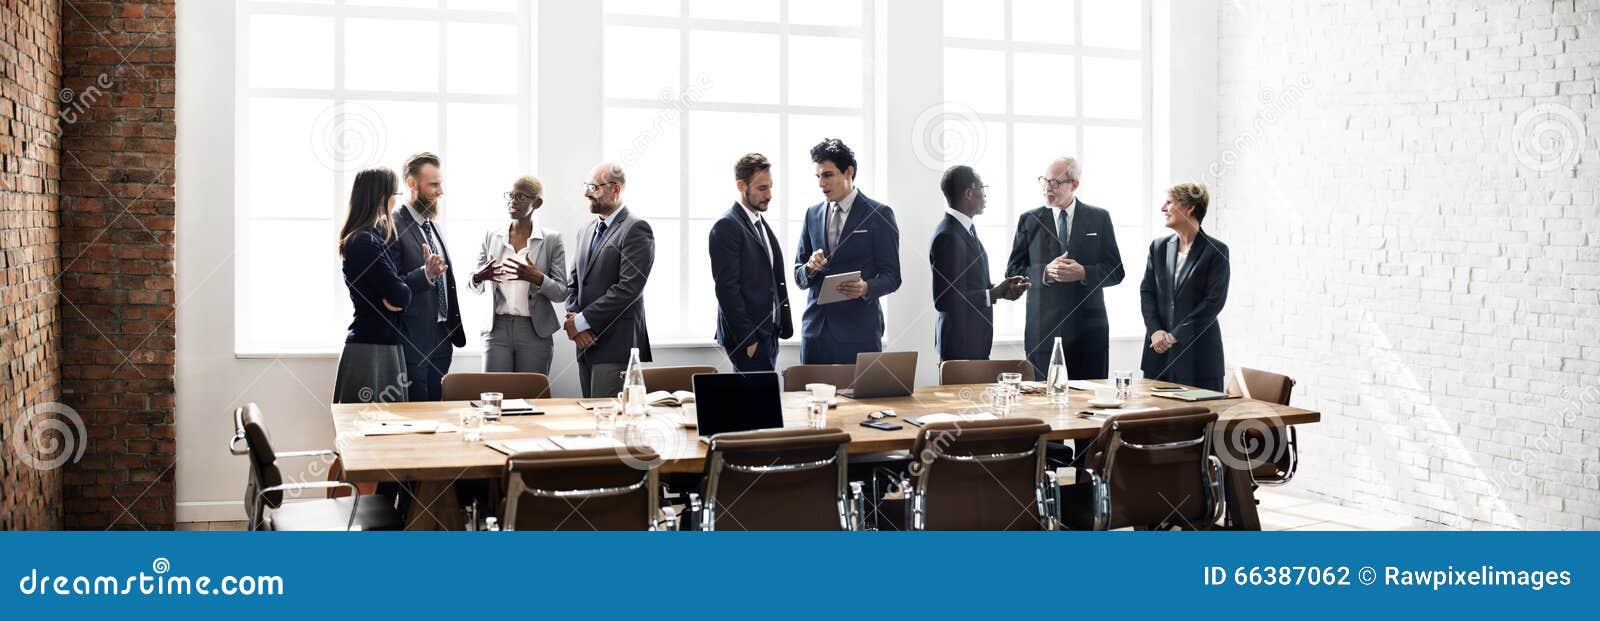 Conceito de trabalho da estratégia da discussão da reunião de unidade de negócio